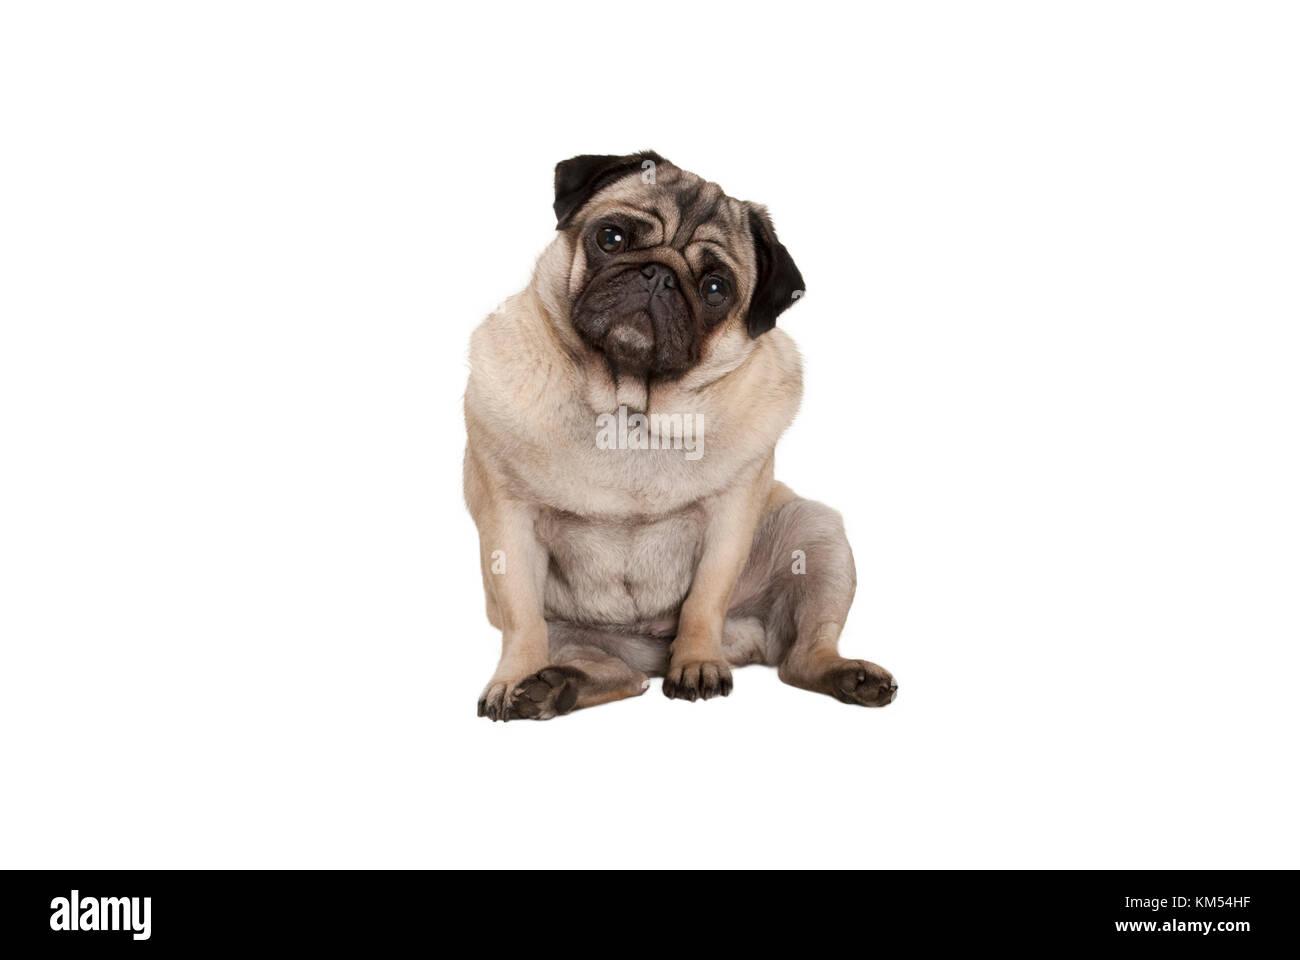 Cute smart Mops Welpen Hund mit cheecky Gesicht, hinsetzen, auf weißem Hintergrund Stockbild